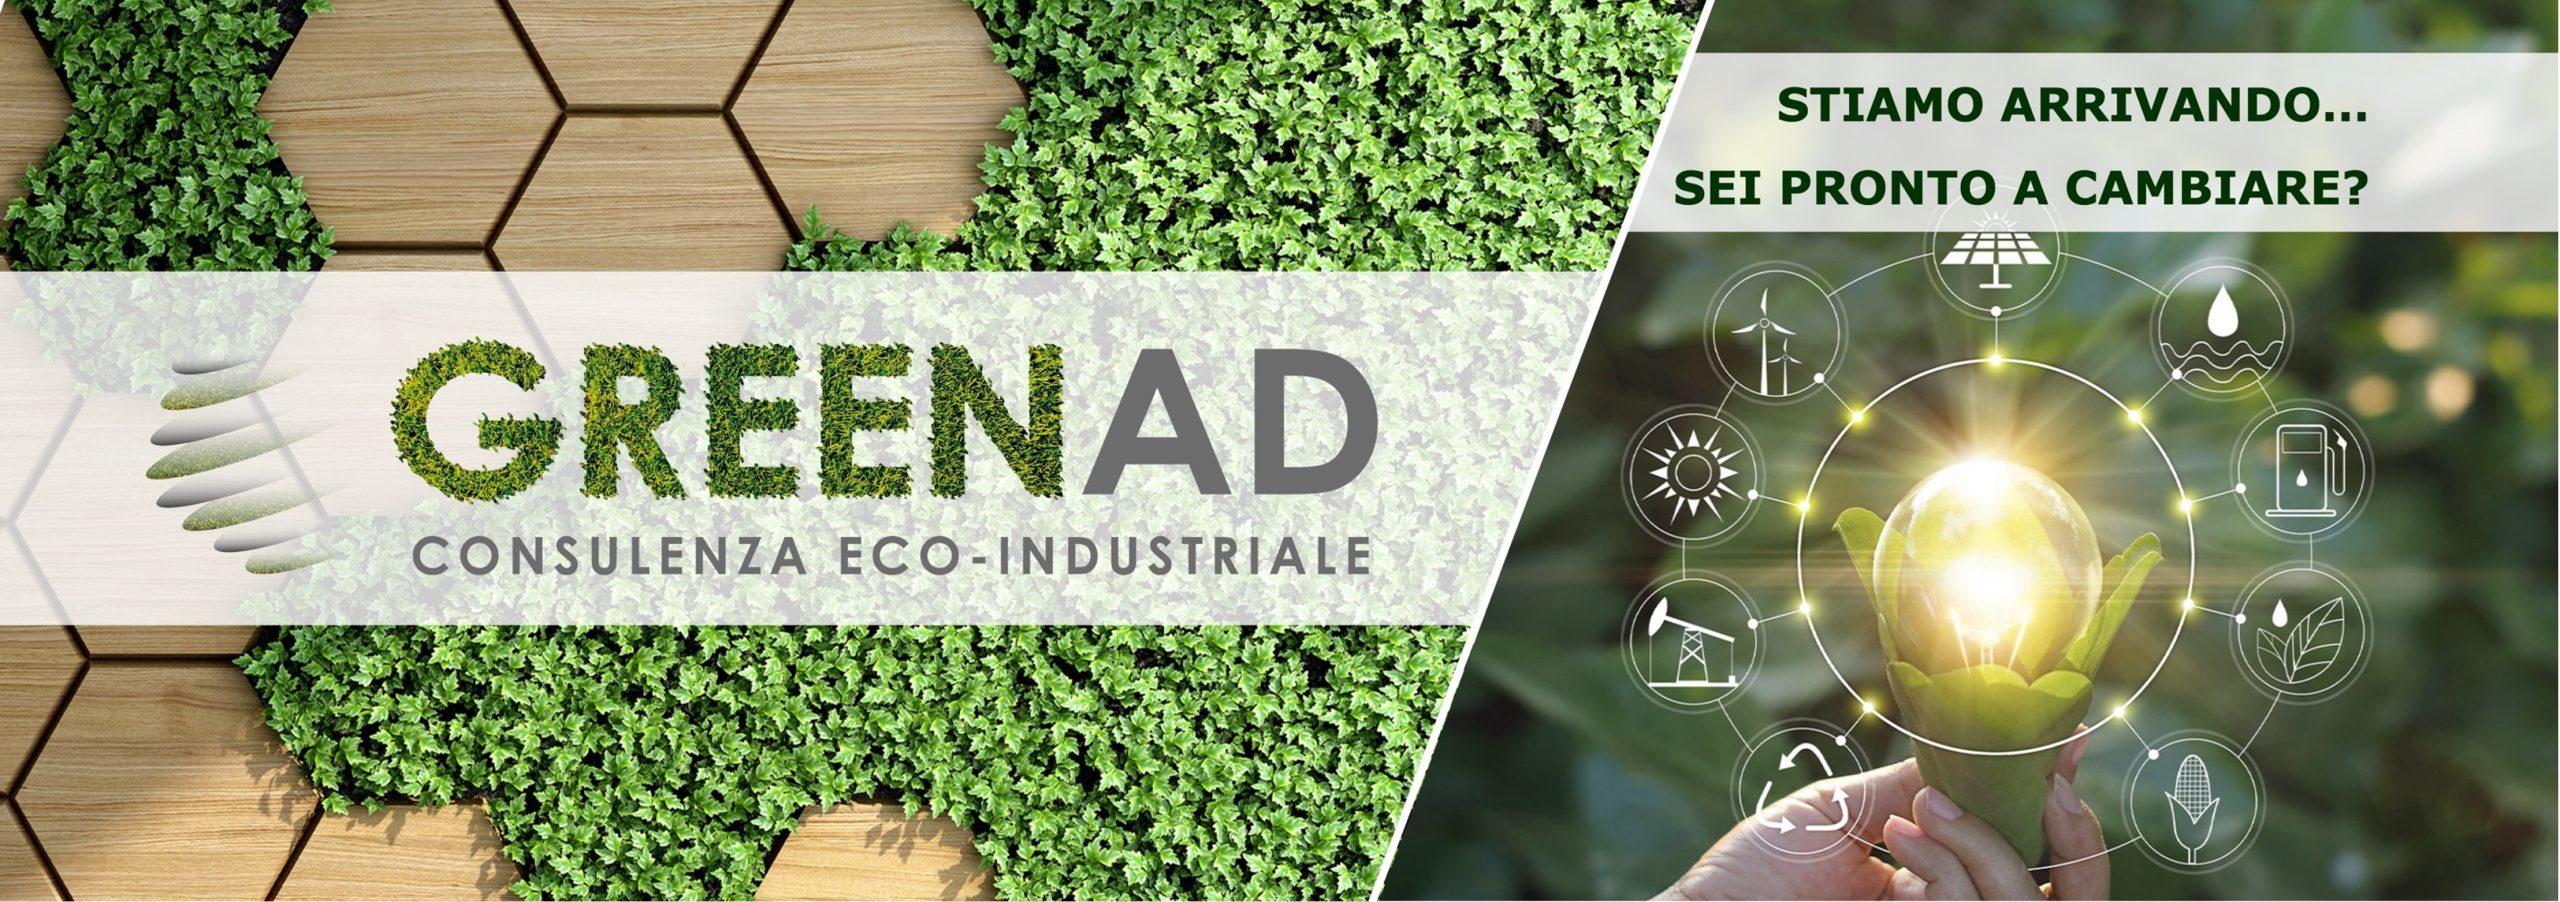 Greenad Ecosostenibilita Alimentare